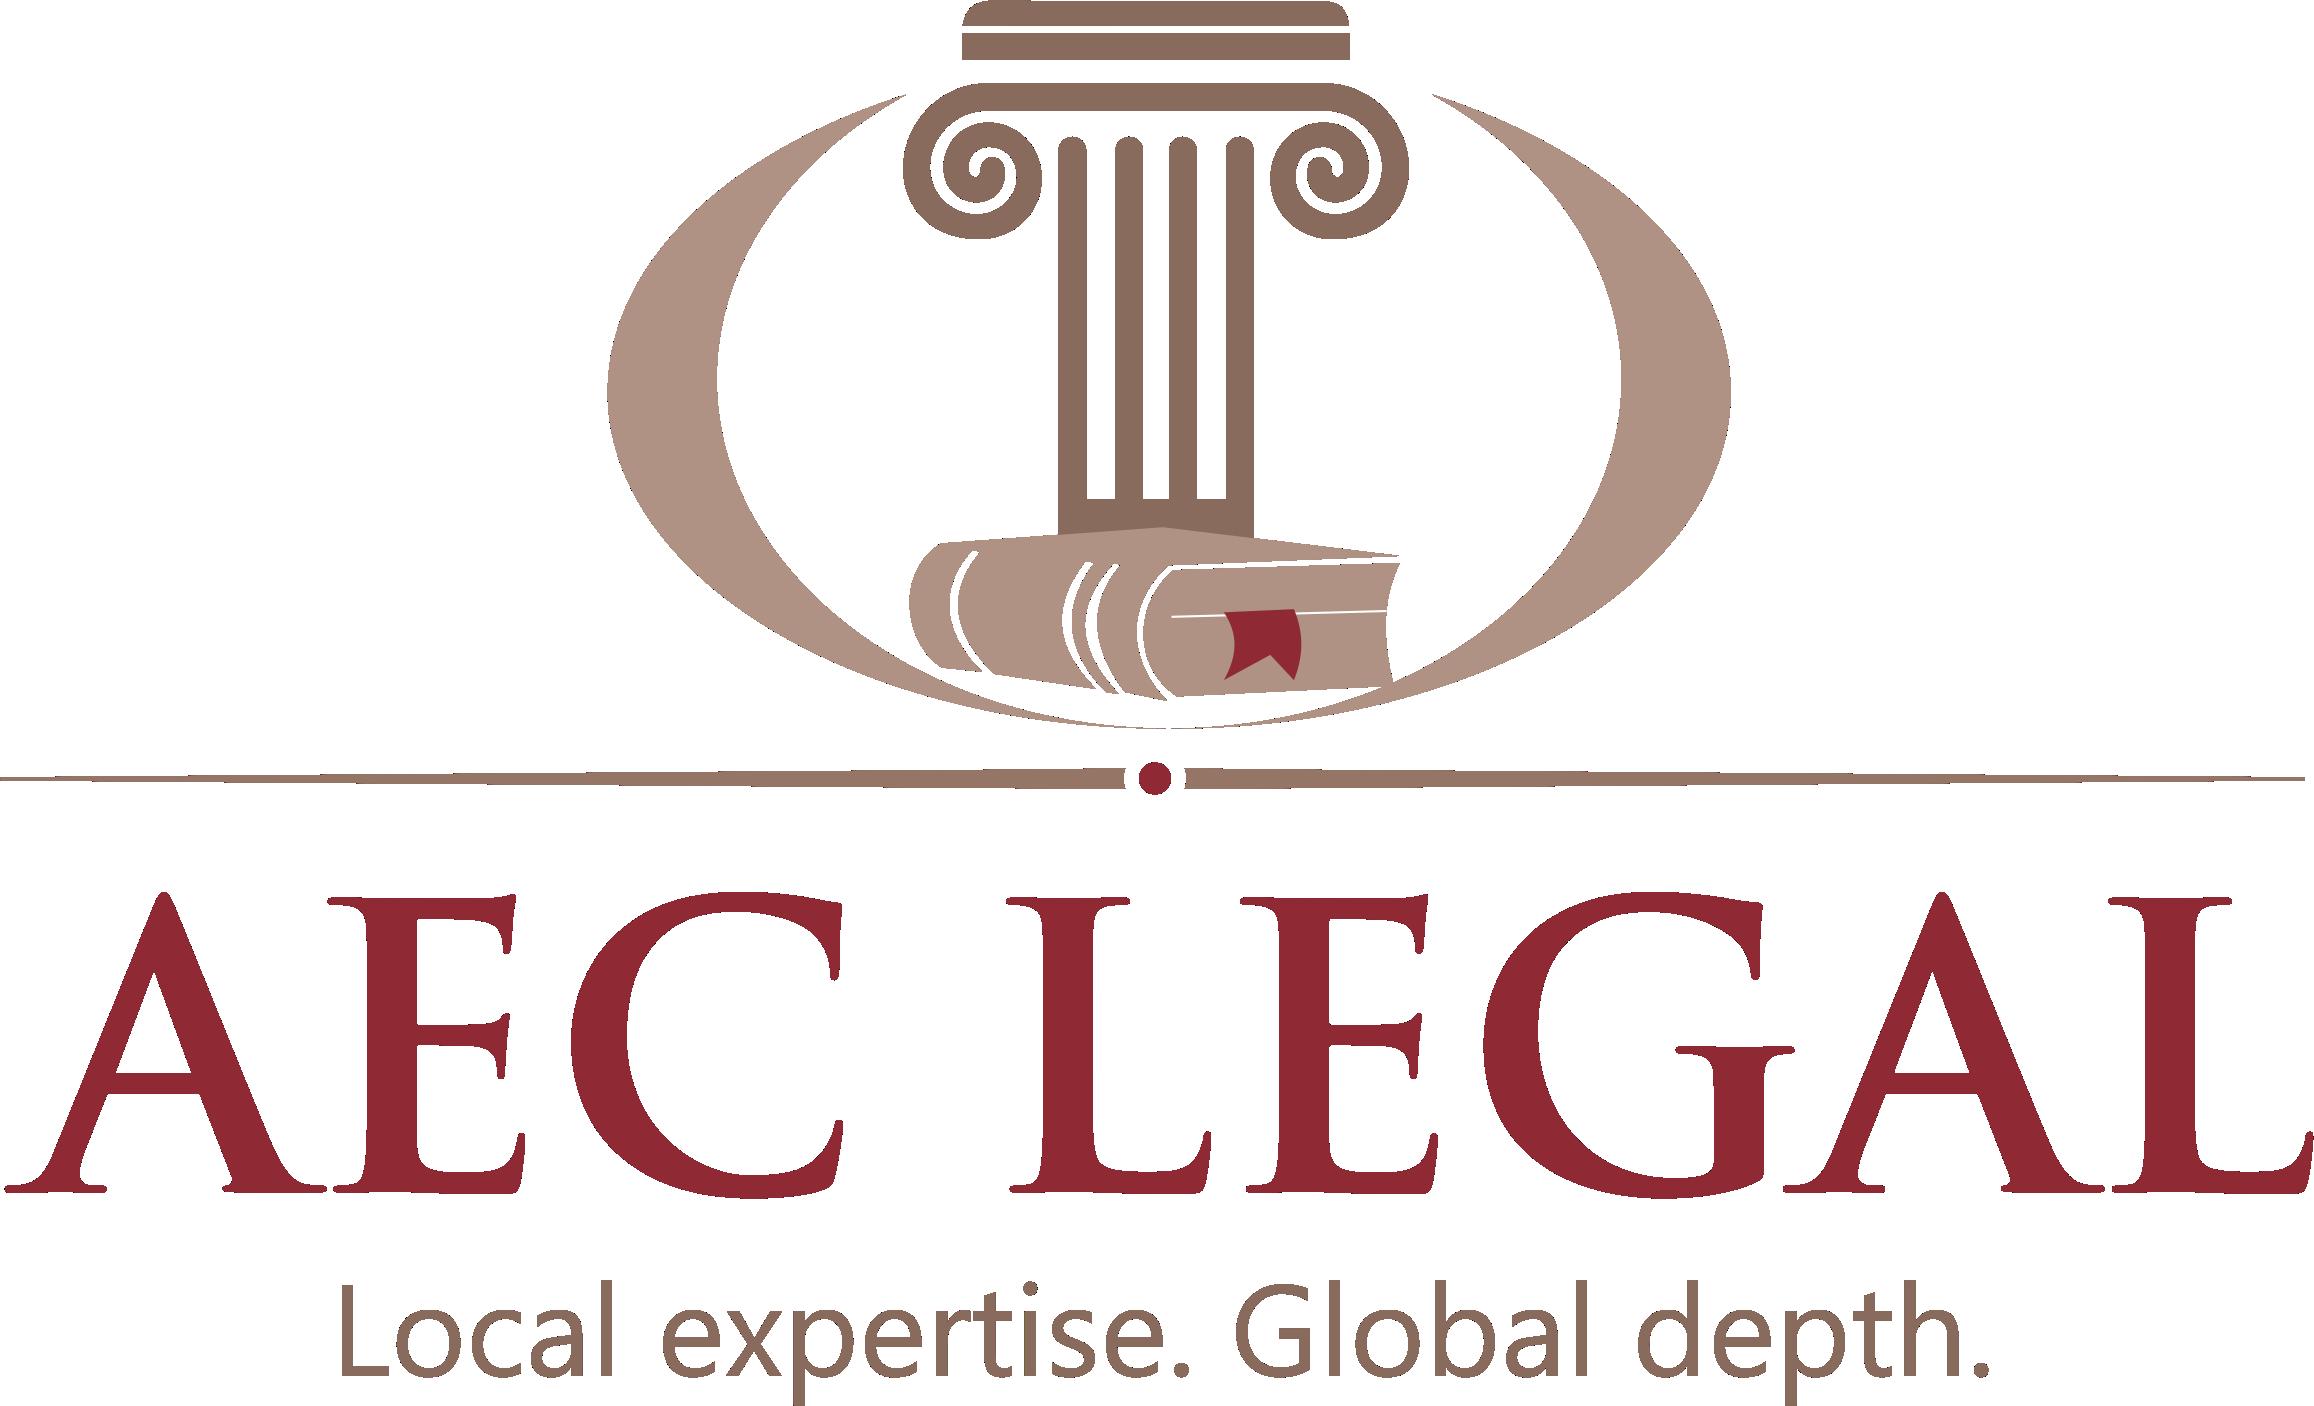 AEC Legal